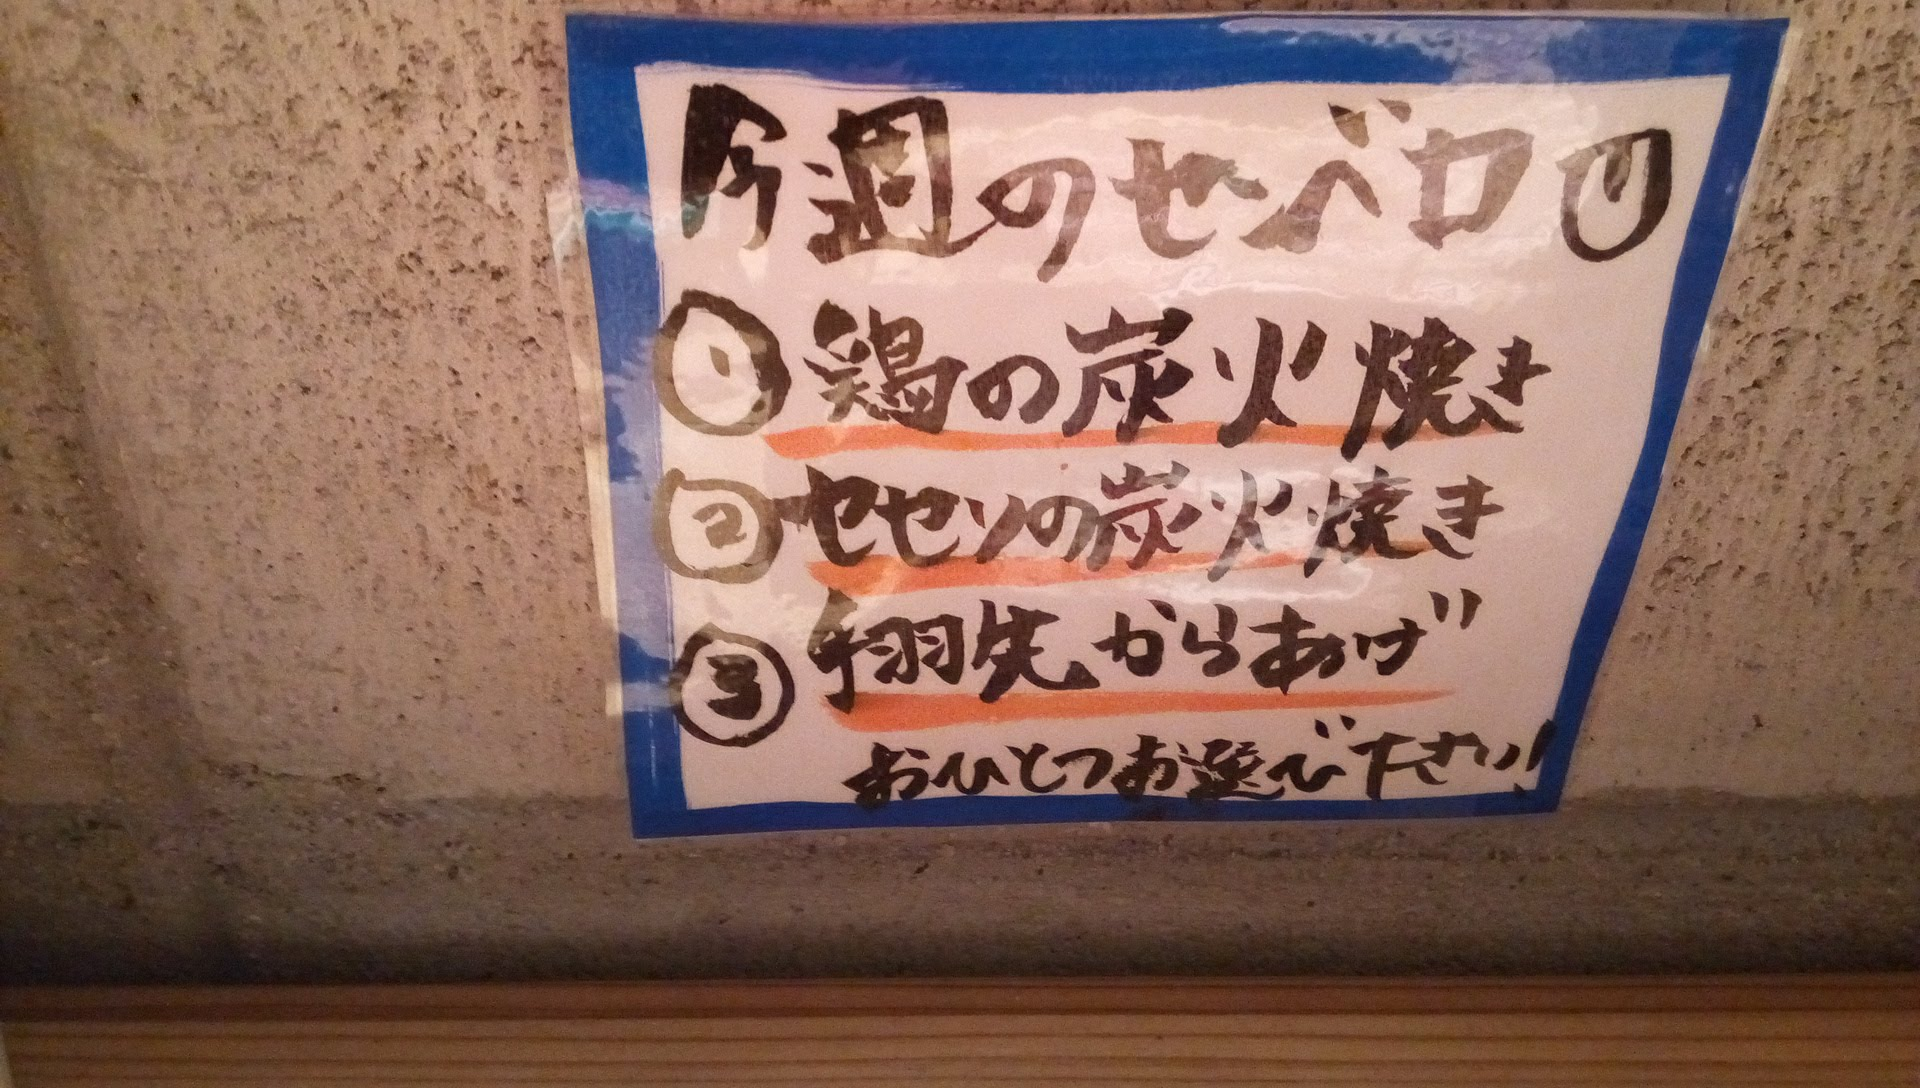 KEMURI knob menu